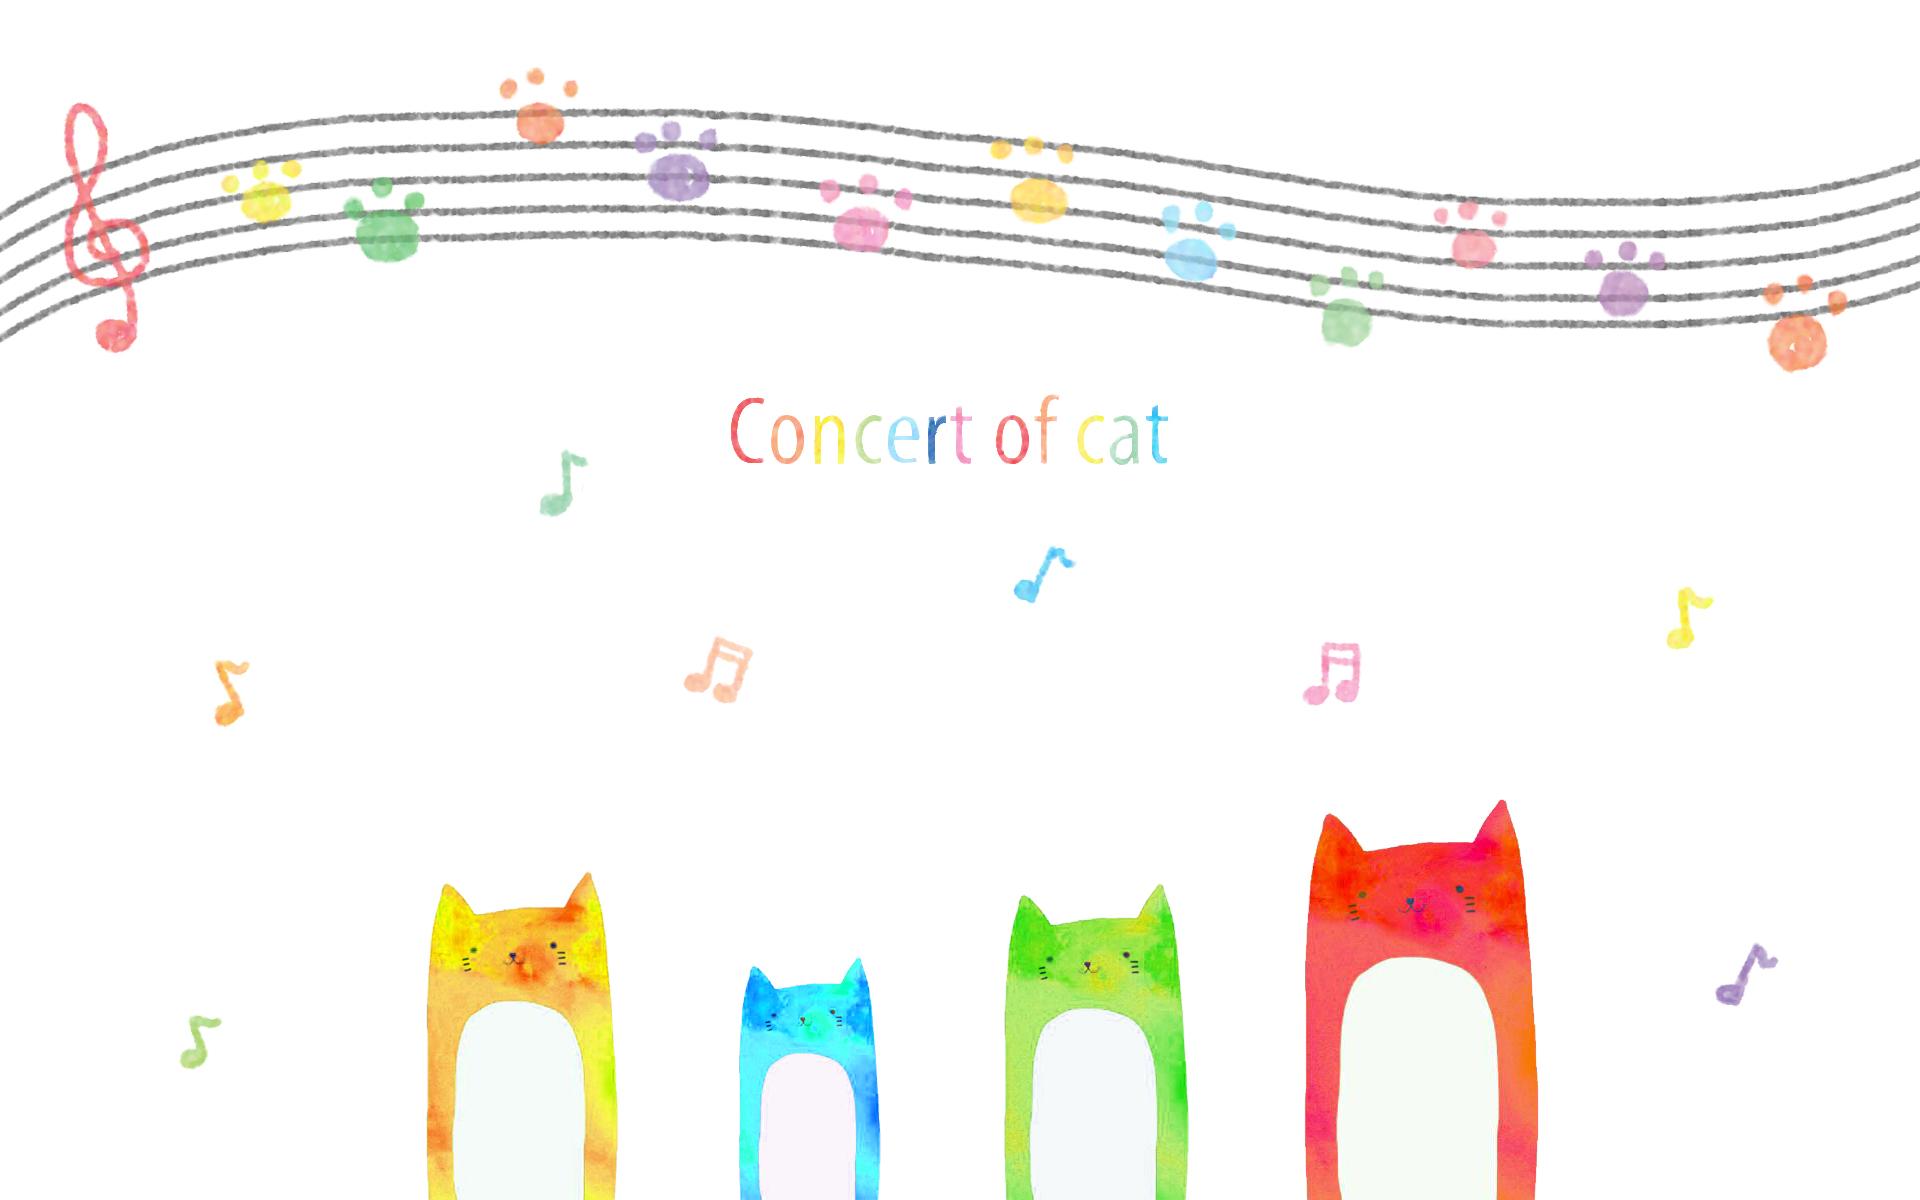 猫の音楽会の壁紙 * めんこい。 - めんこい。